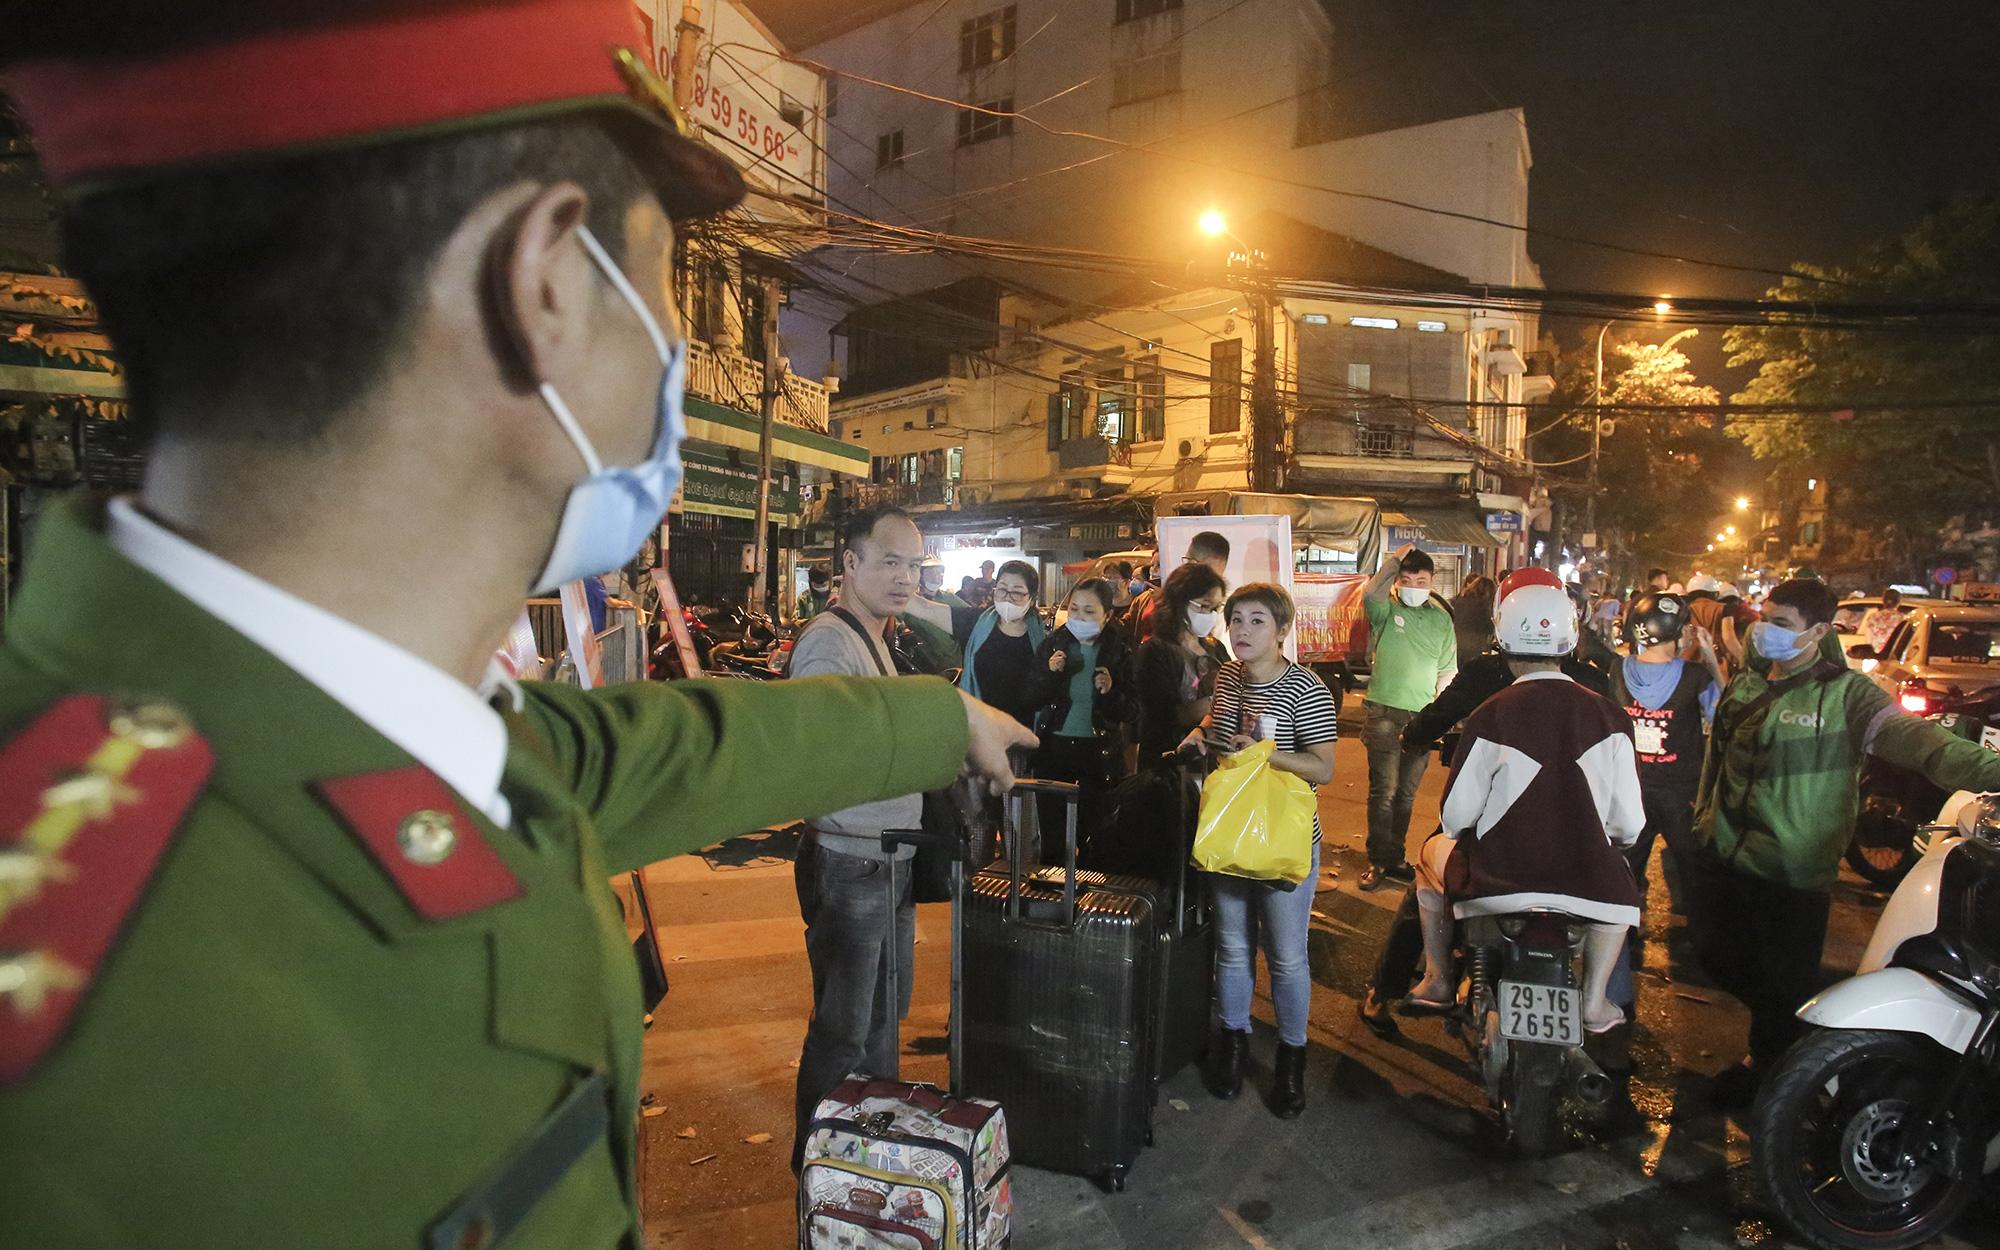 """Ảnh: Bỏ ngoài tai mức phạt """"khủng"""" lên tới 3 triệu, người dân Thủ đô vẫn thản nhiên vui chơi trên phố đi bộ mà không đeo khẩu trang, chỉ đeo để qua mặt lực lượng chức năng"""